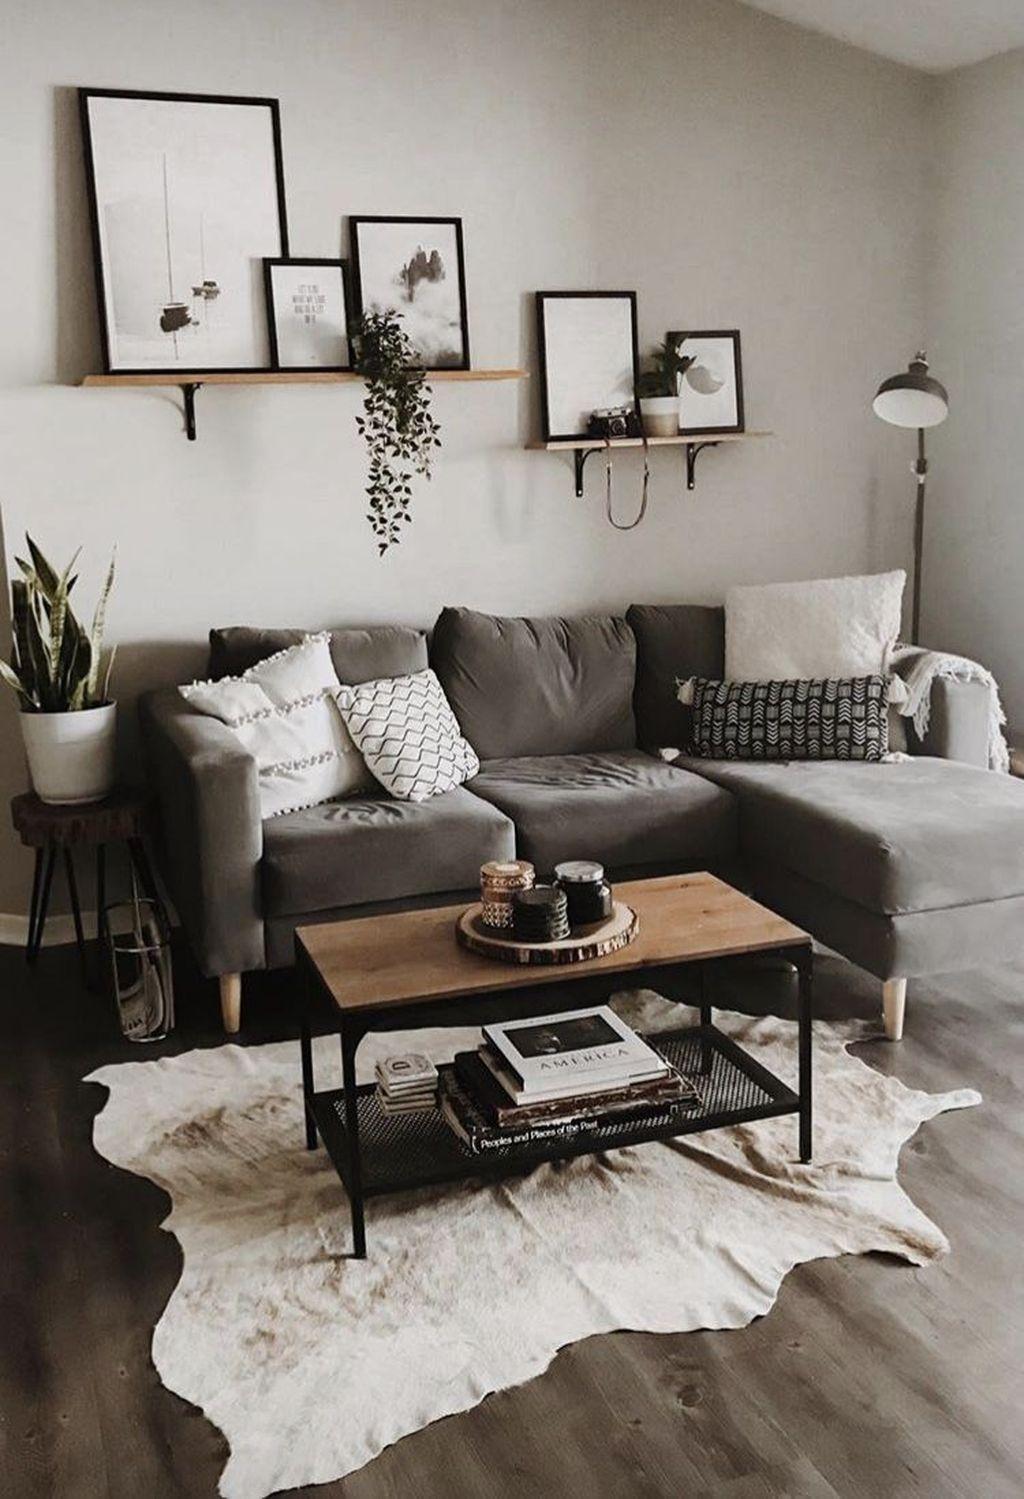 Decoomo Trends Home Decoration Ideas Living Room Decor Modern Living Room Decor Apartment Living Room Designs #trendy #living #room #decor